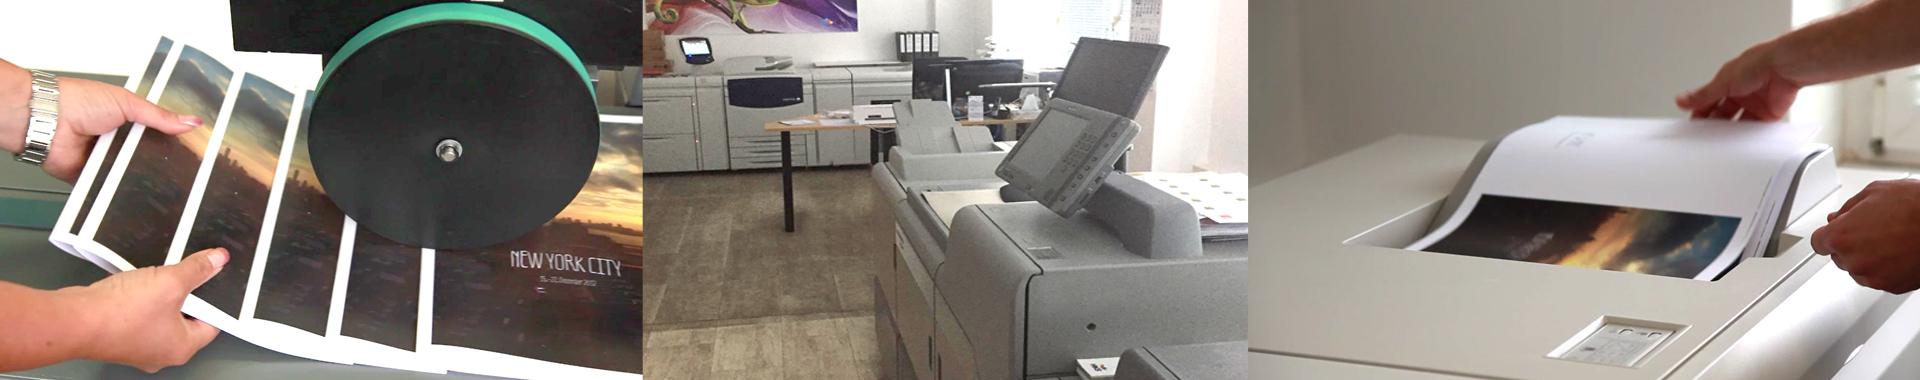 Die Druckerei für Berlin und Umland, Druck von Prospekten, Visitenkarten, Flyer, Briefpapier, Geschäftspapiere, offset und digital